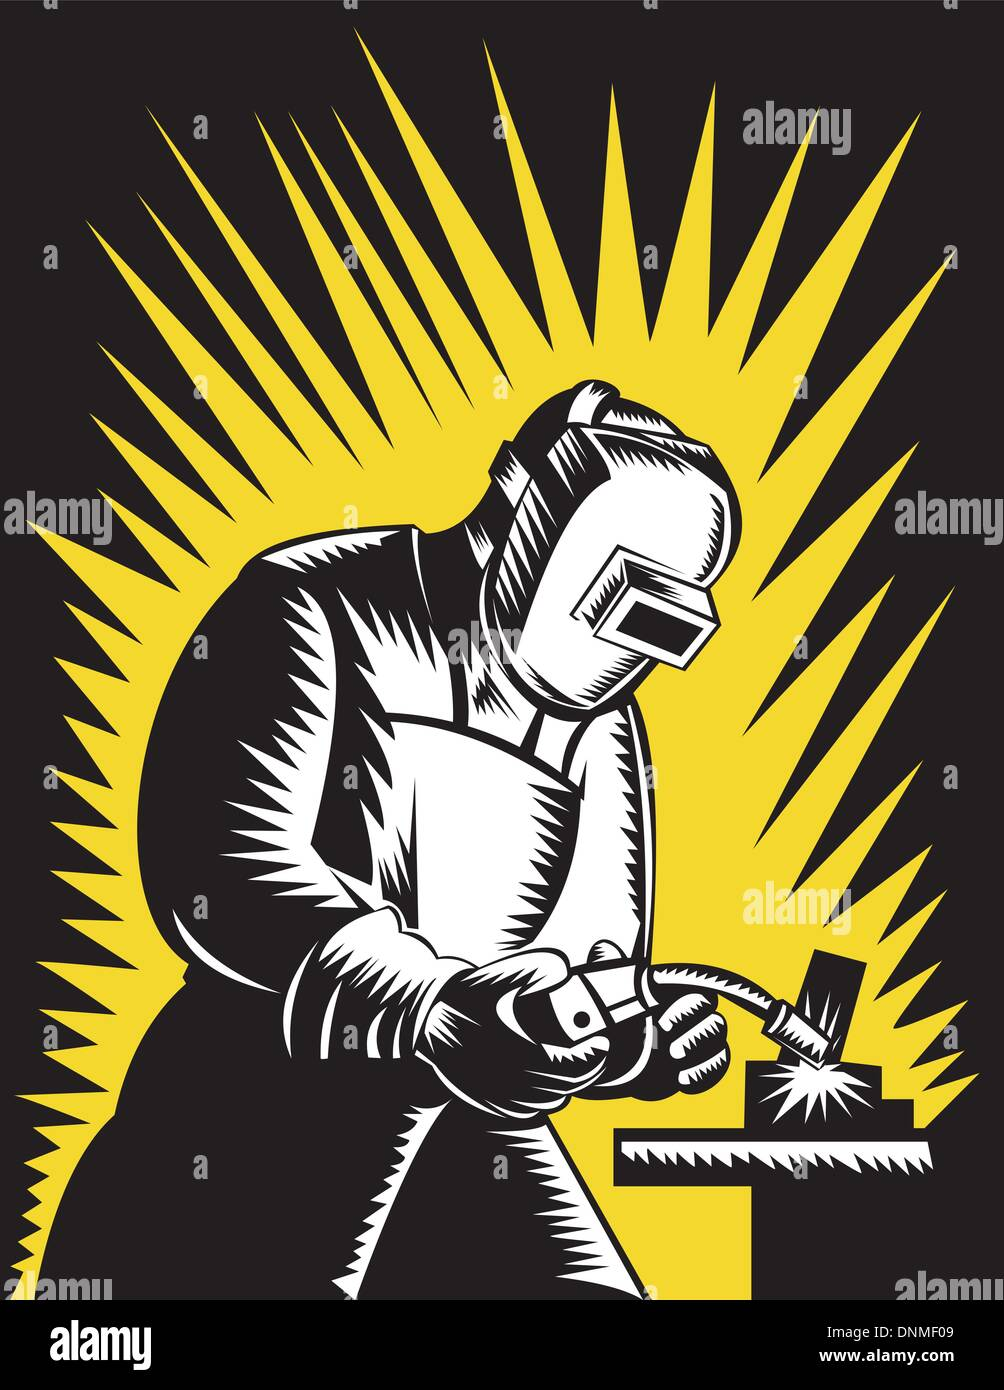 Illustrazione di un saldatore di metallo di saldatura dei lavoratori con la torcia di saldatura e la visiera fatto Illustrazione Vettoriale